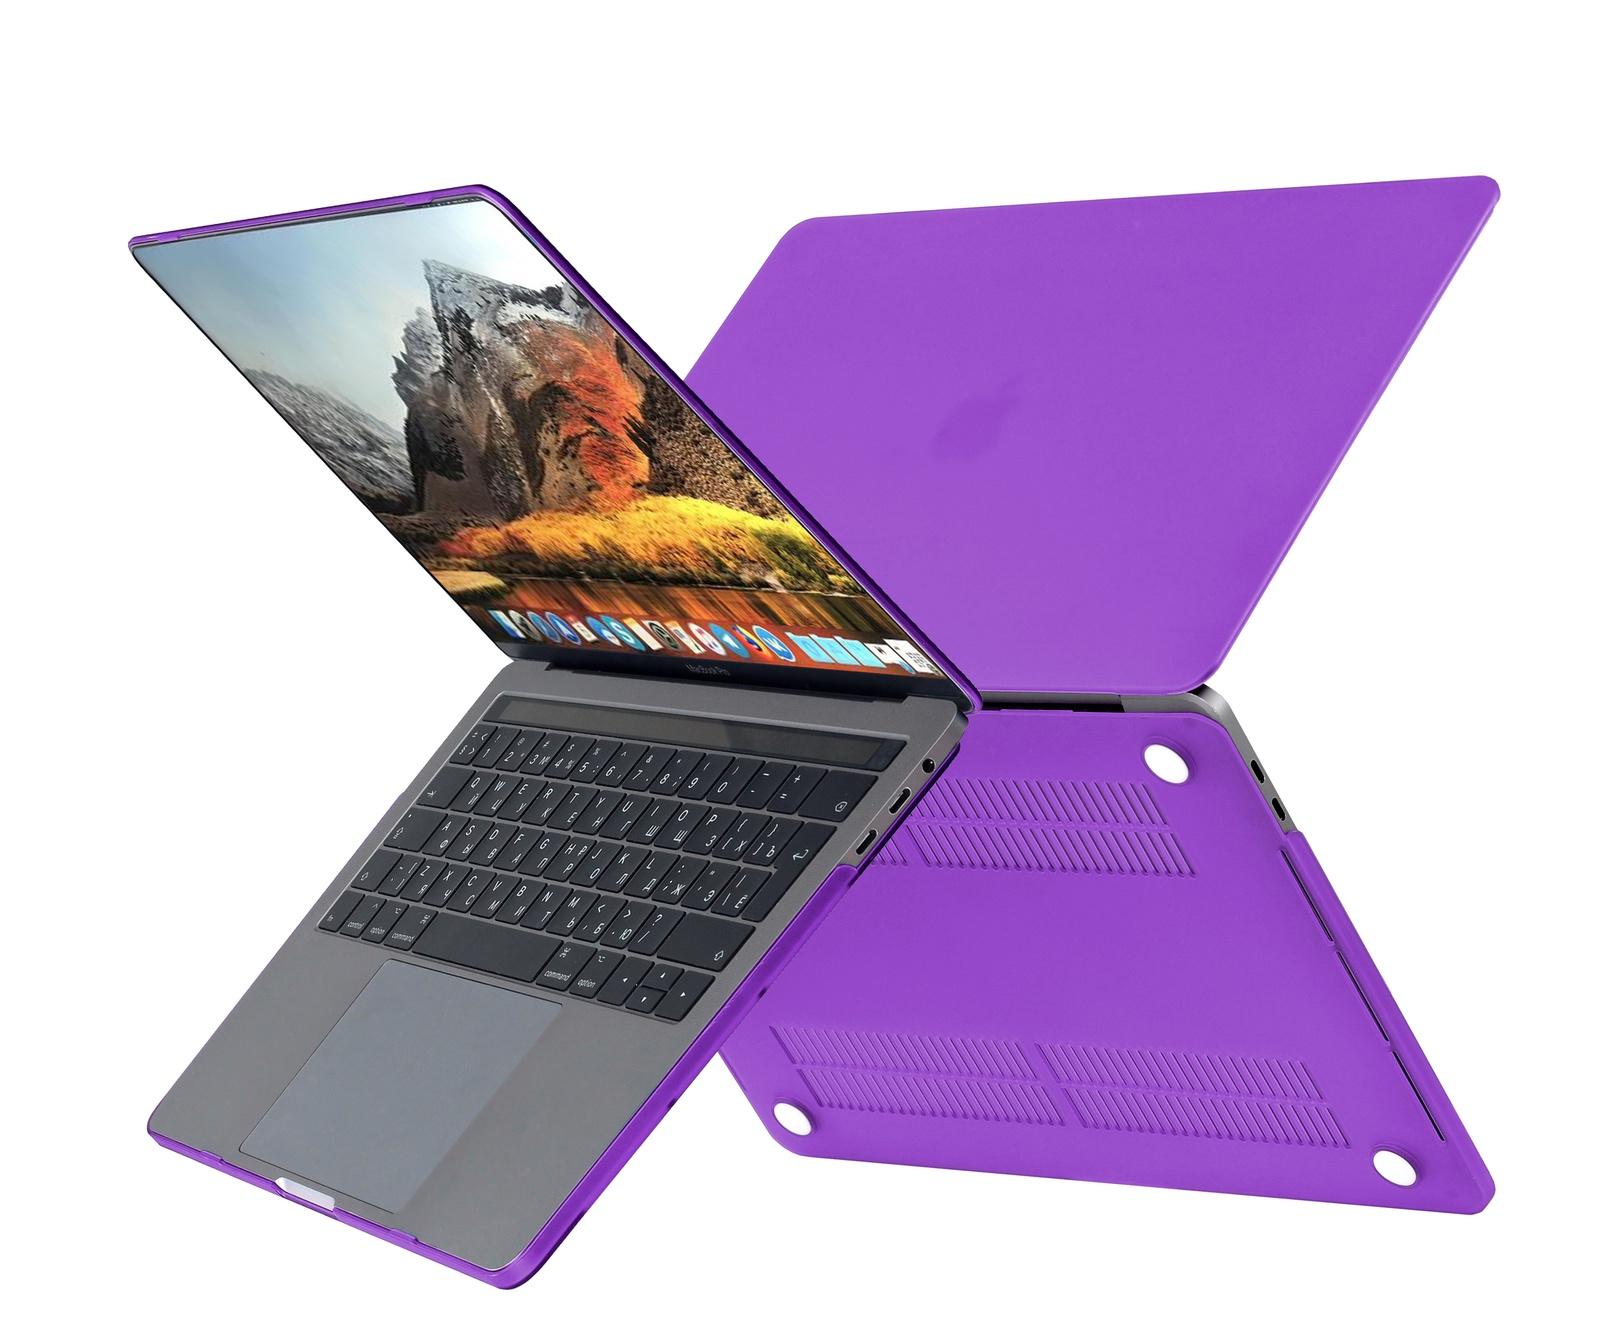 Чехол HardShell Case для Macbook 12, сиреневый